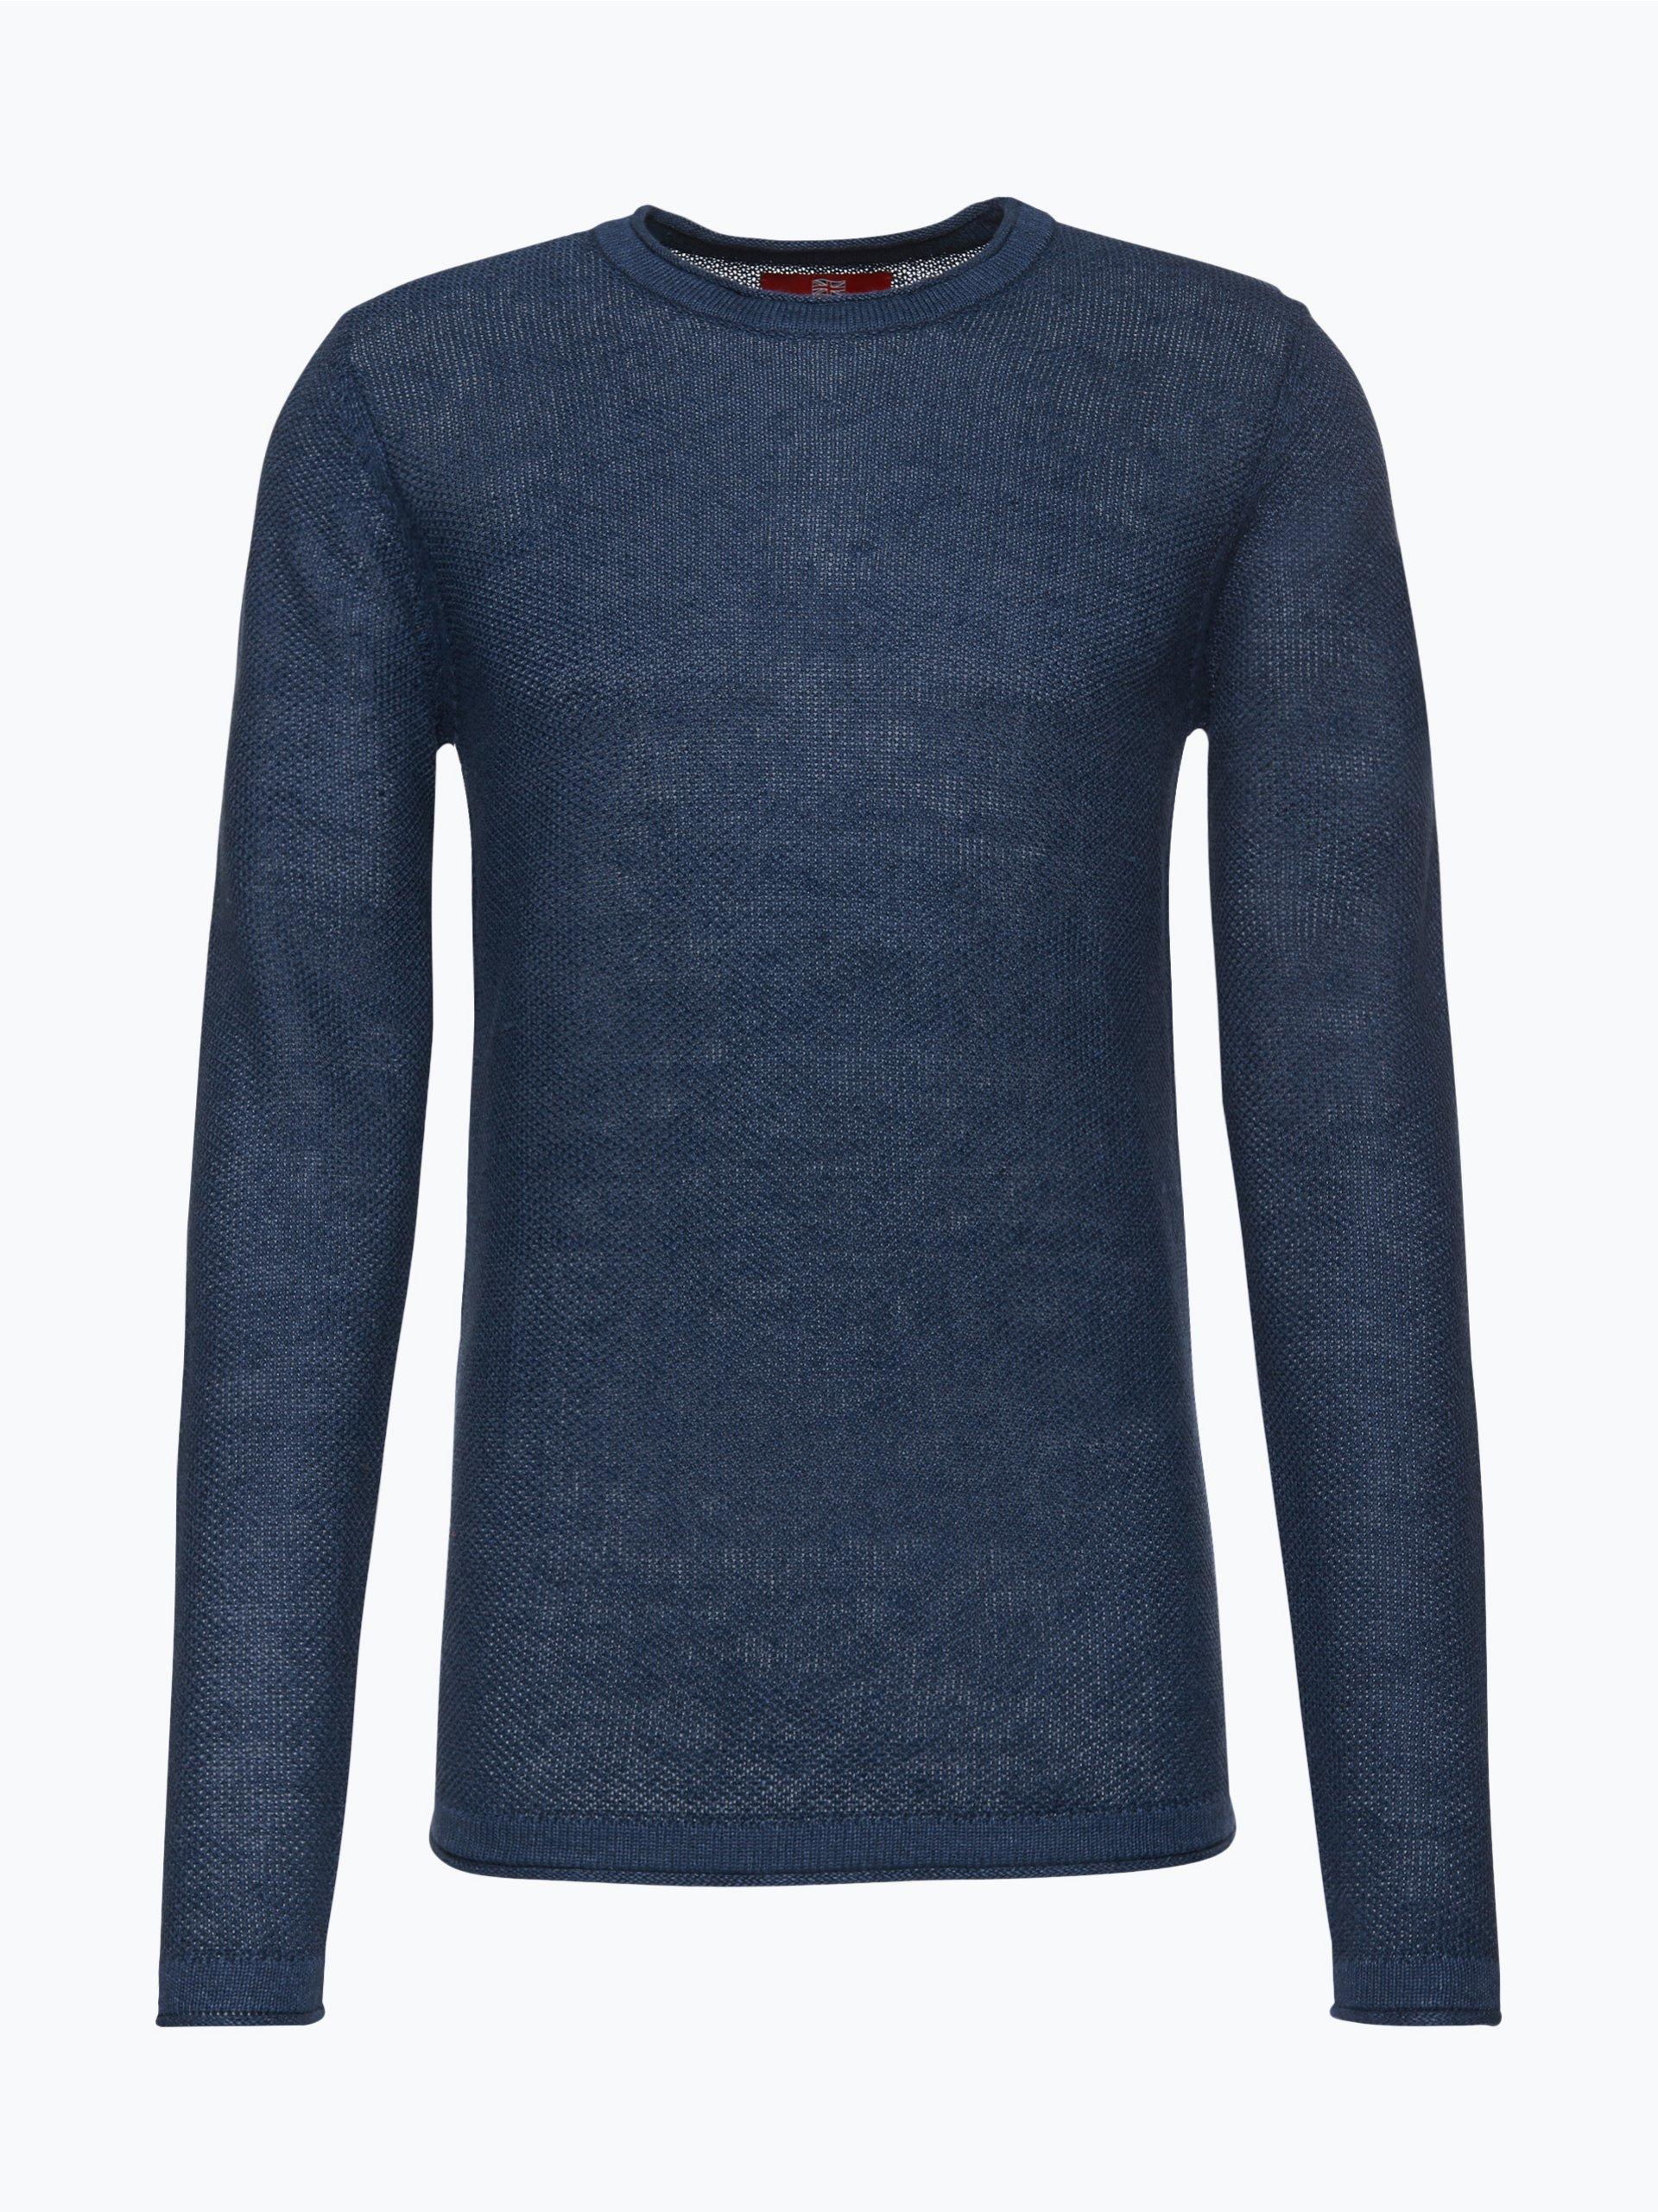 Finshley & Harding London Męski sweter z lnu